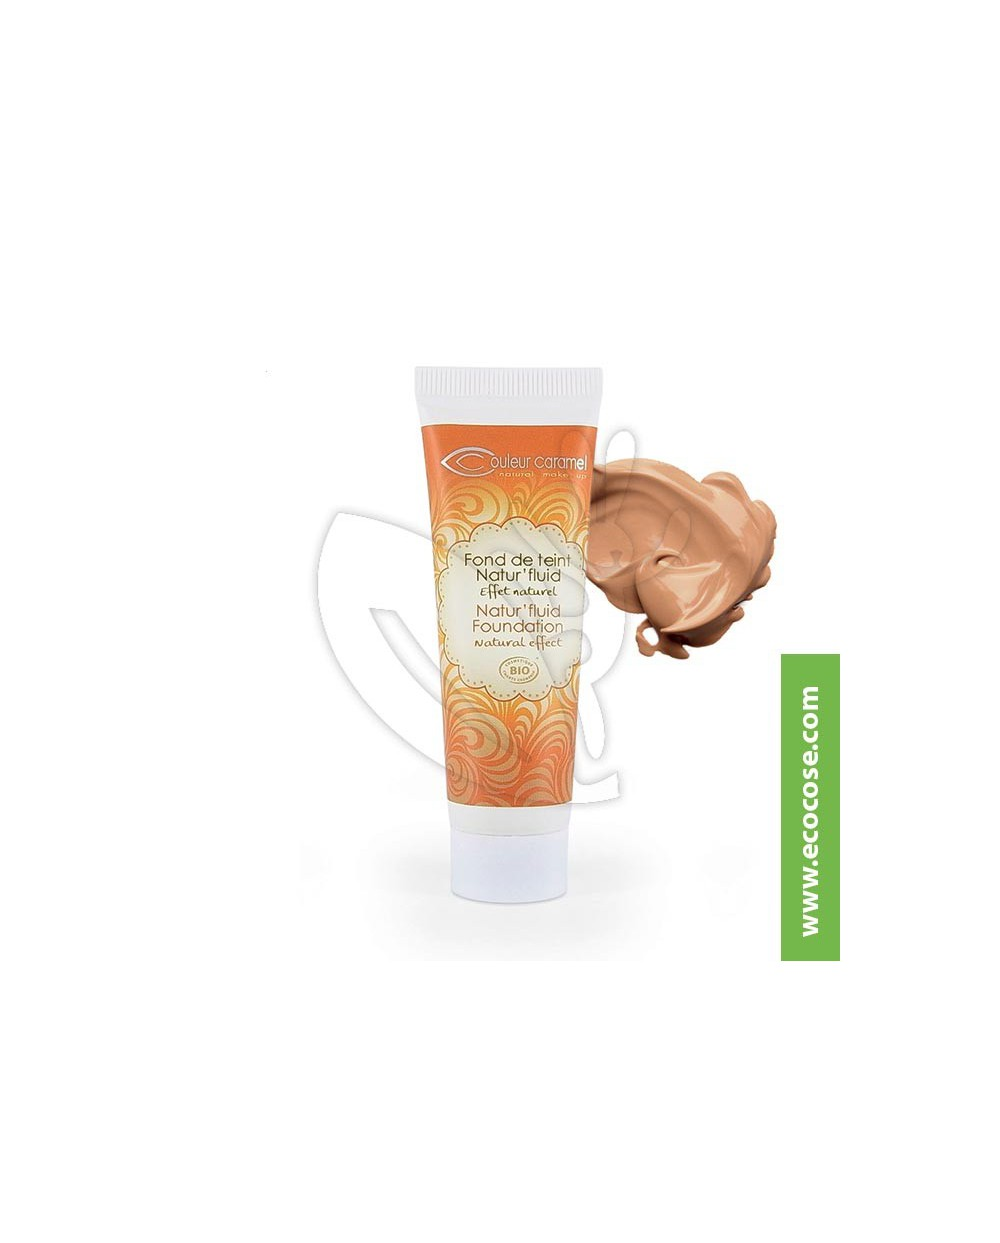 Couleur Caramel - Fondotinta Natur' Fluid - Beige Halé 15